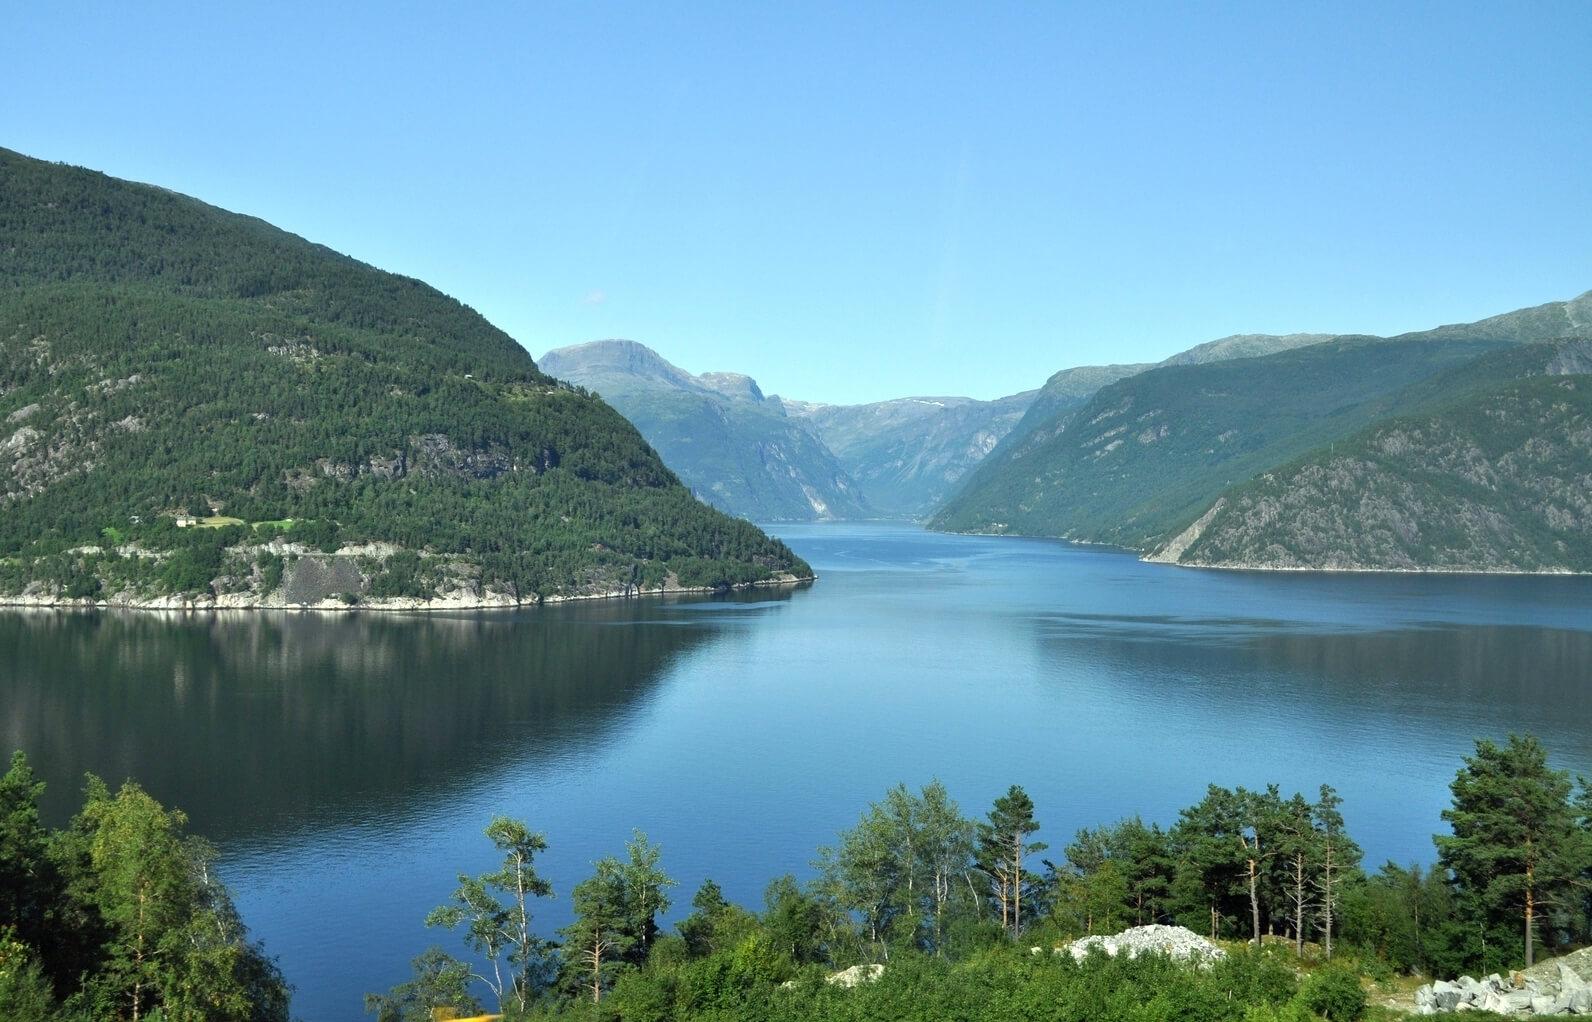 Хардангерфьорд, Норвегия